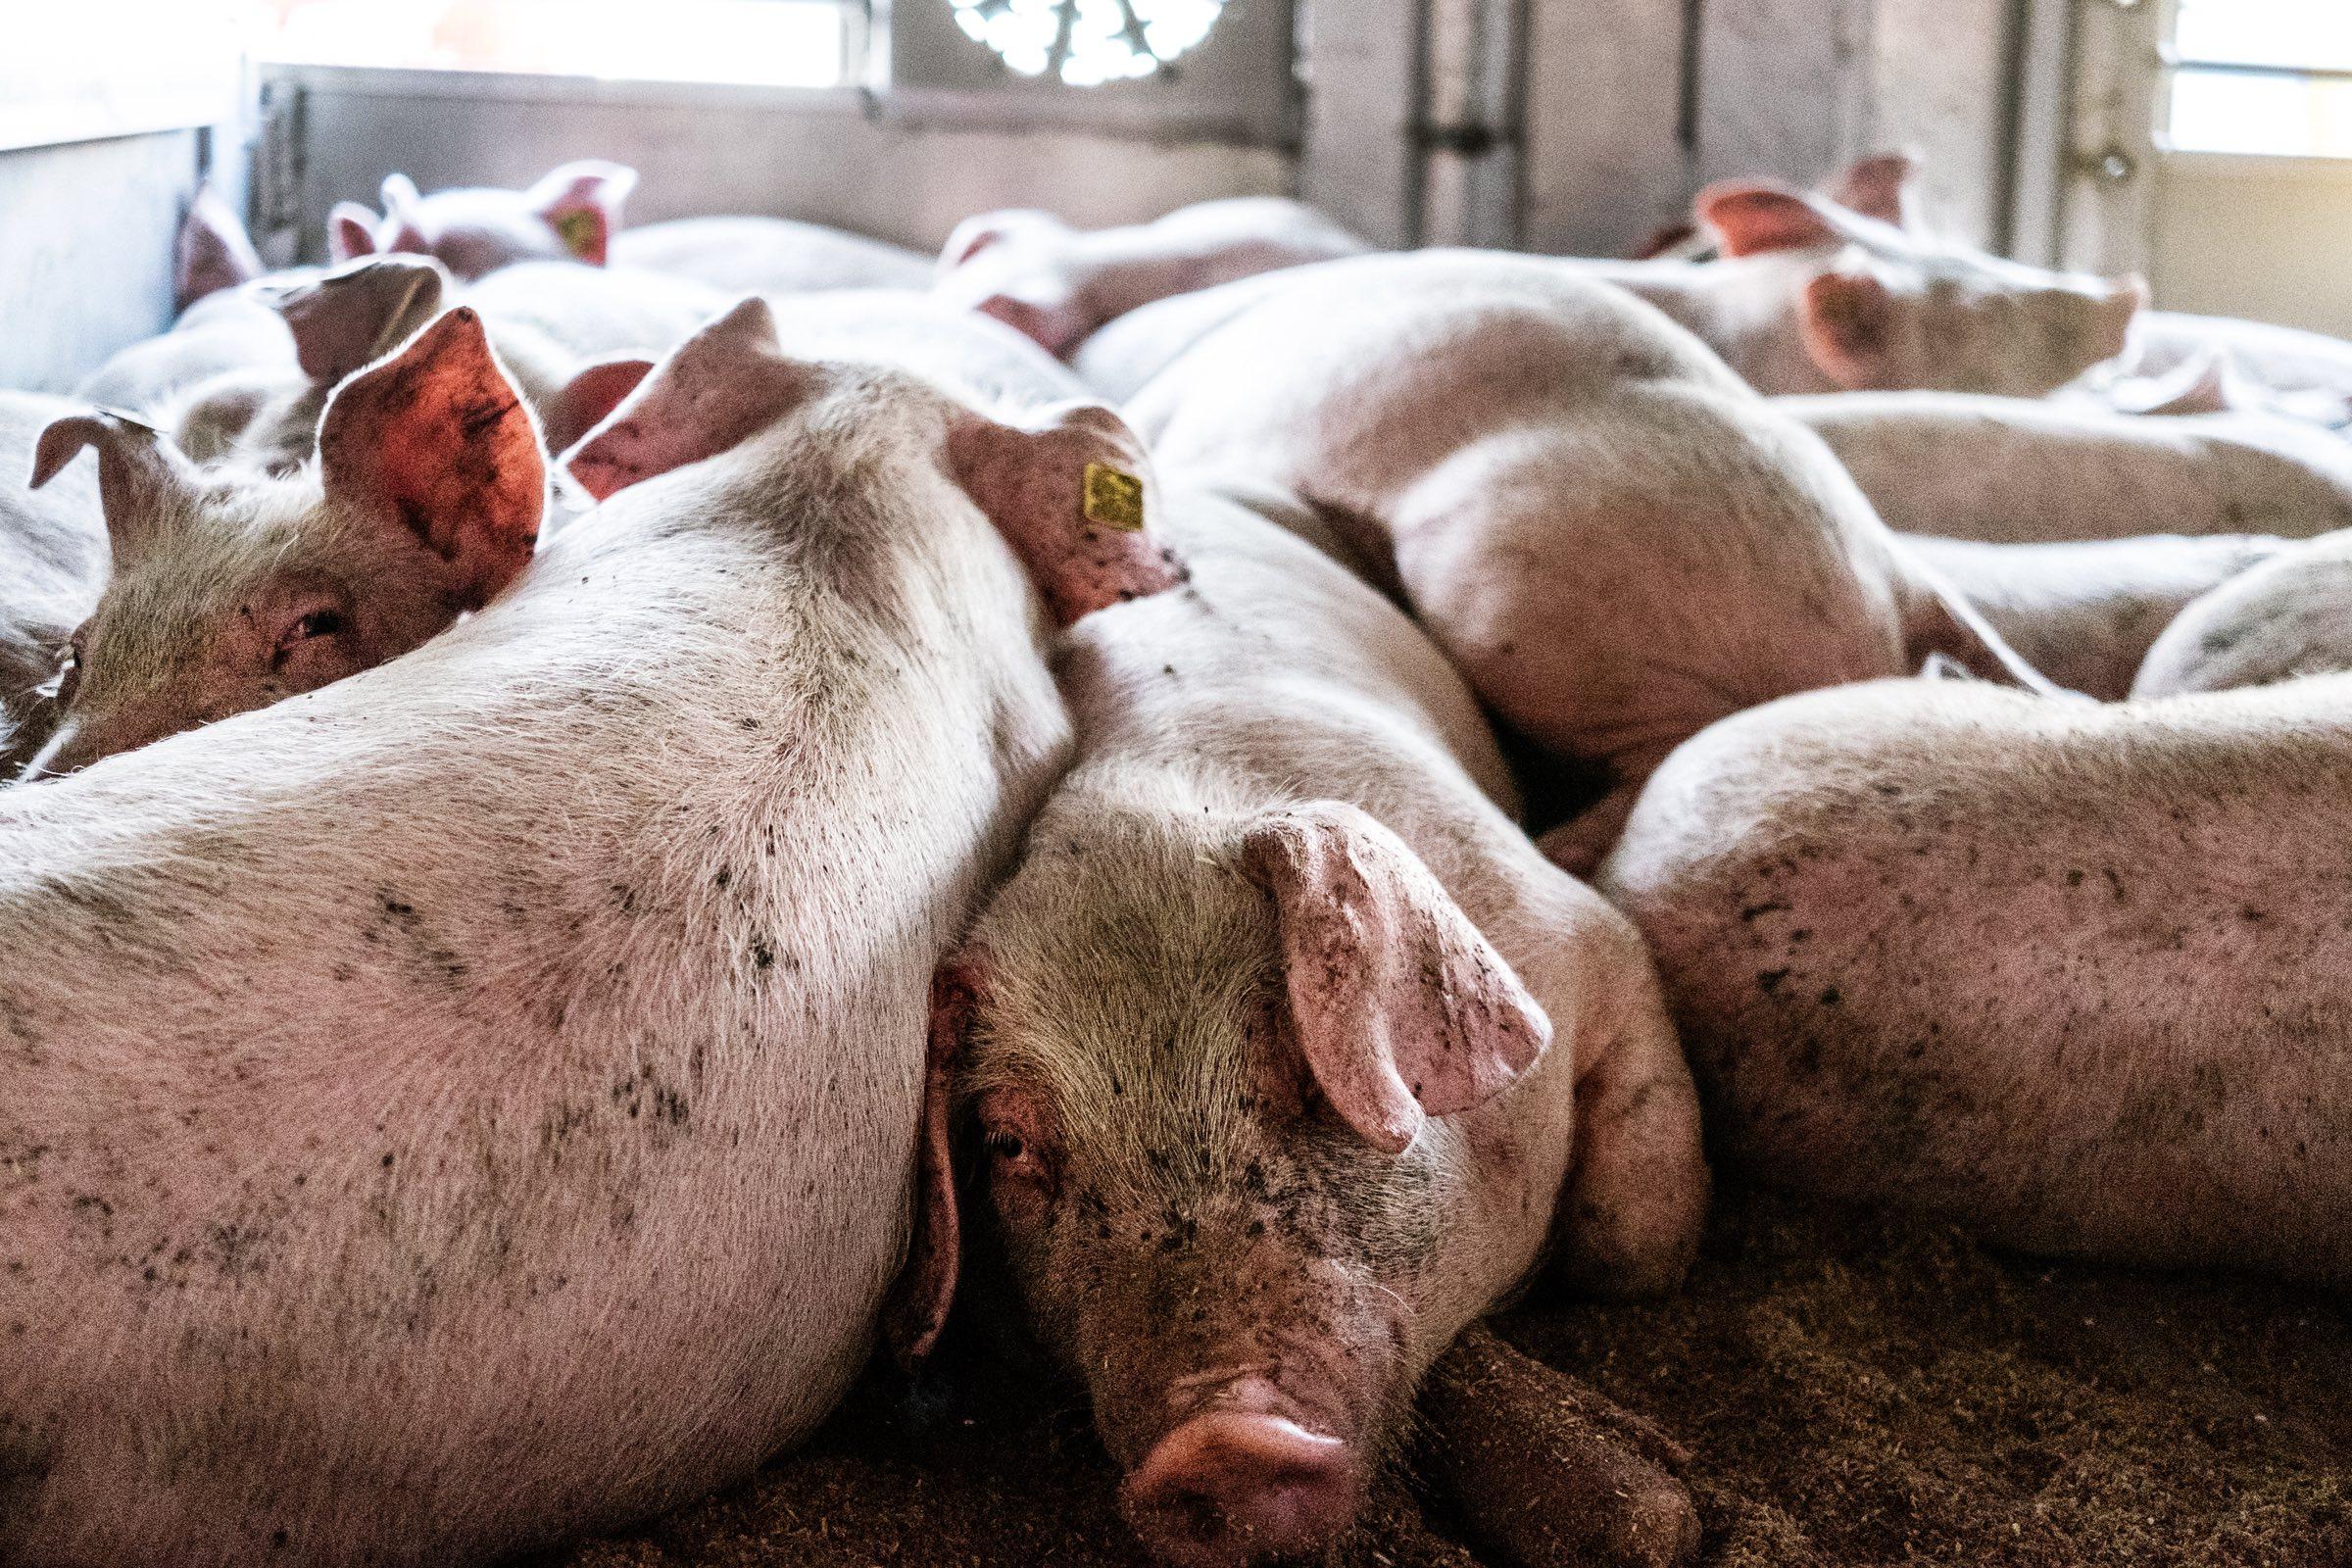 Dyrenes Beskyttelse, dyr, grise, gris, grisetransport, dyrevelfærd